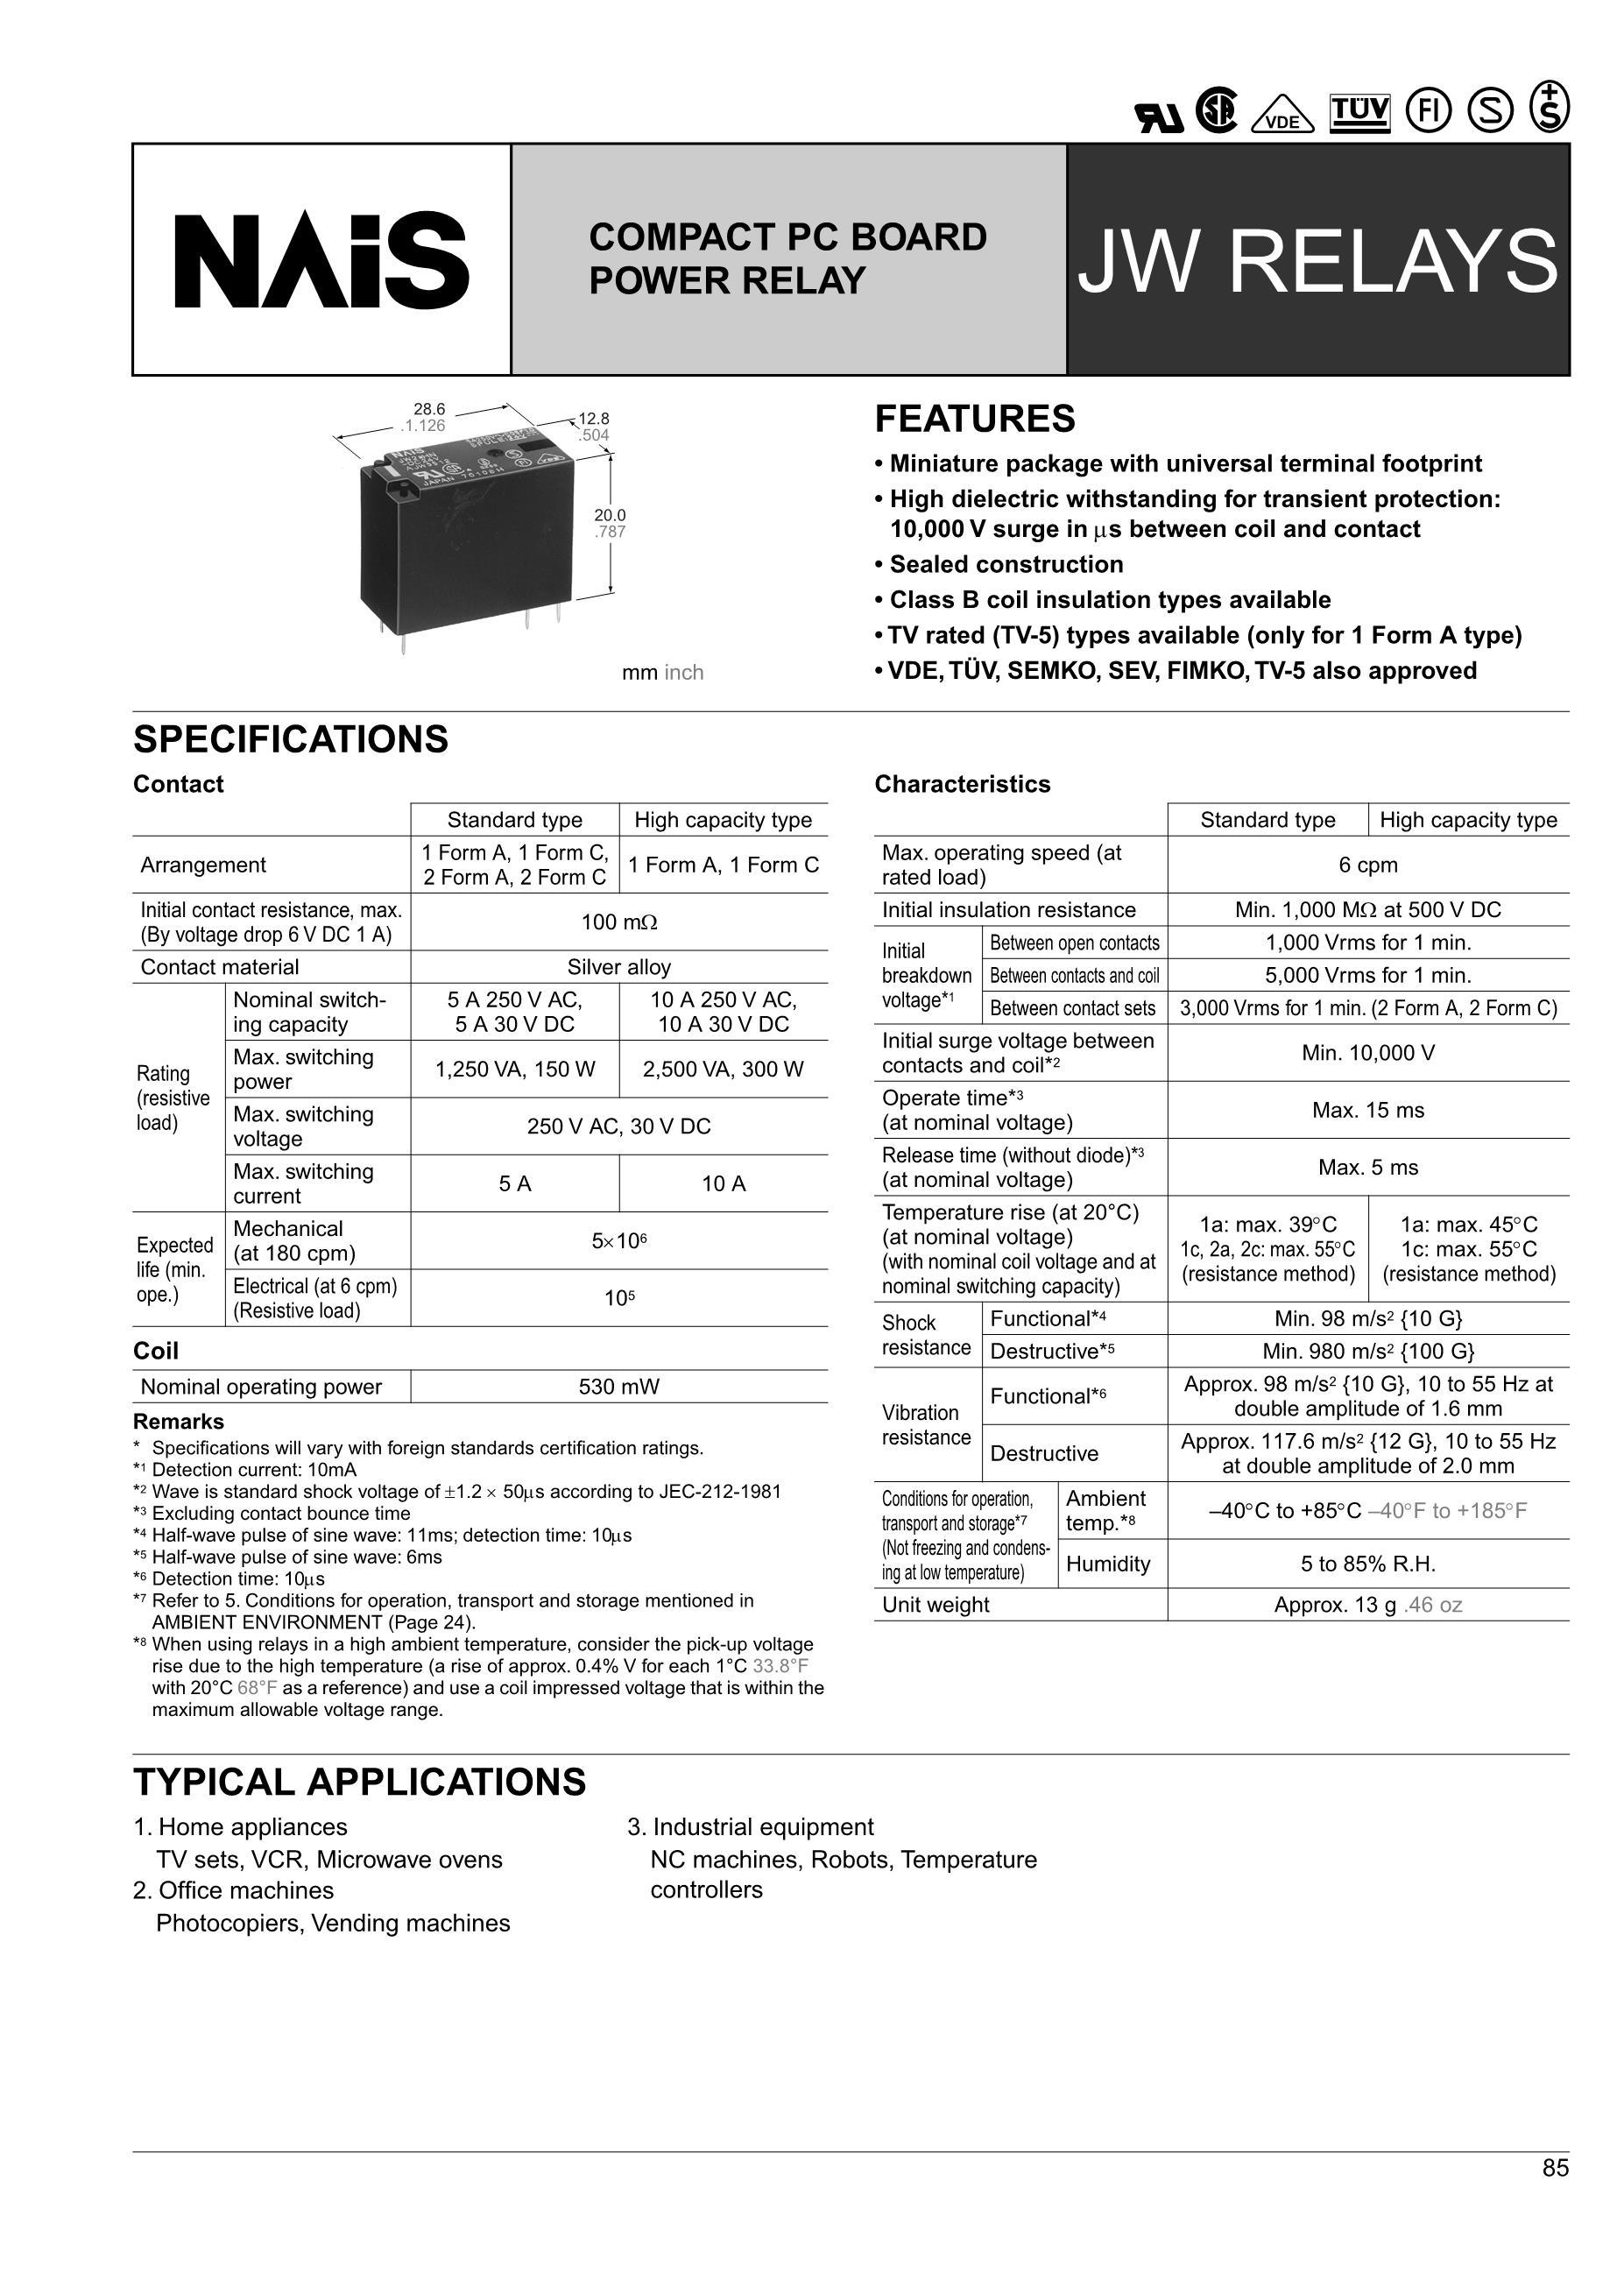 DC-V-H264-10B-30-1080-MXC-ZL's pdf picture 1